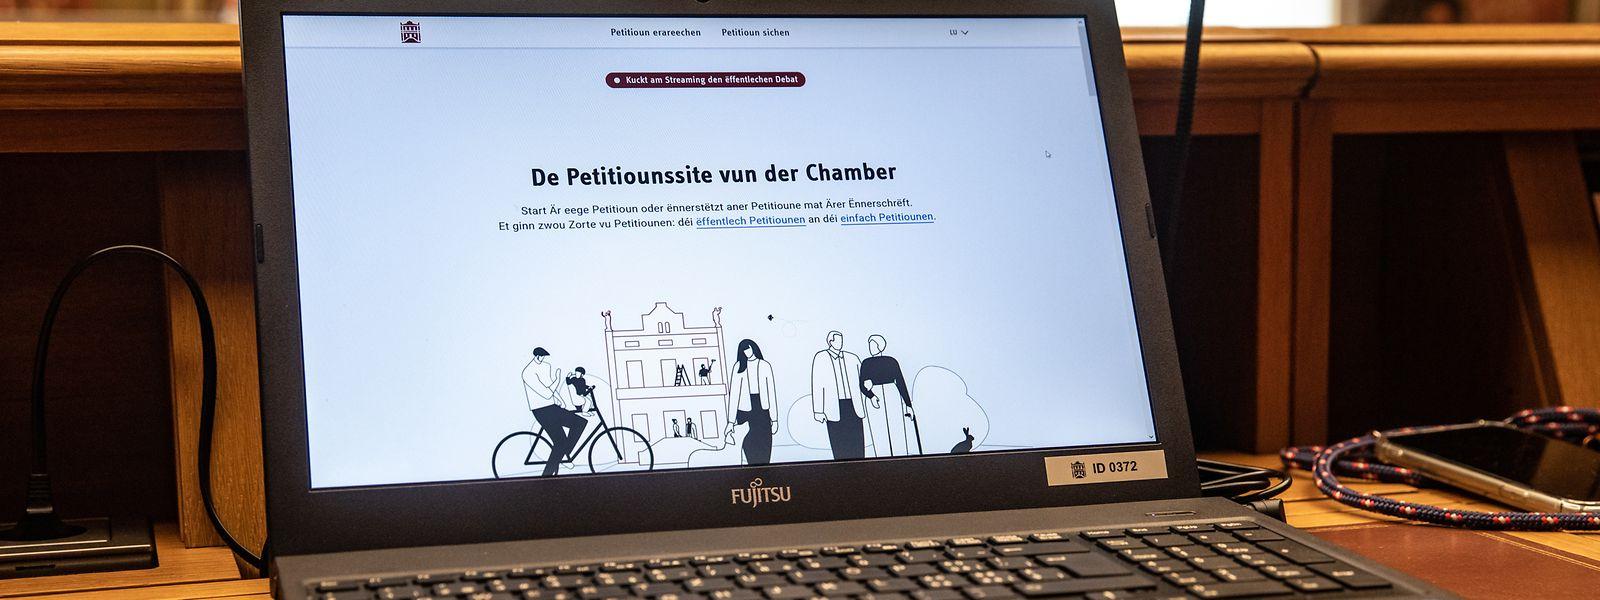 70.000 euros ont été nécessaires pour donner vie à ce nouveau site web.